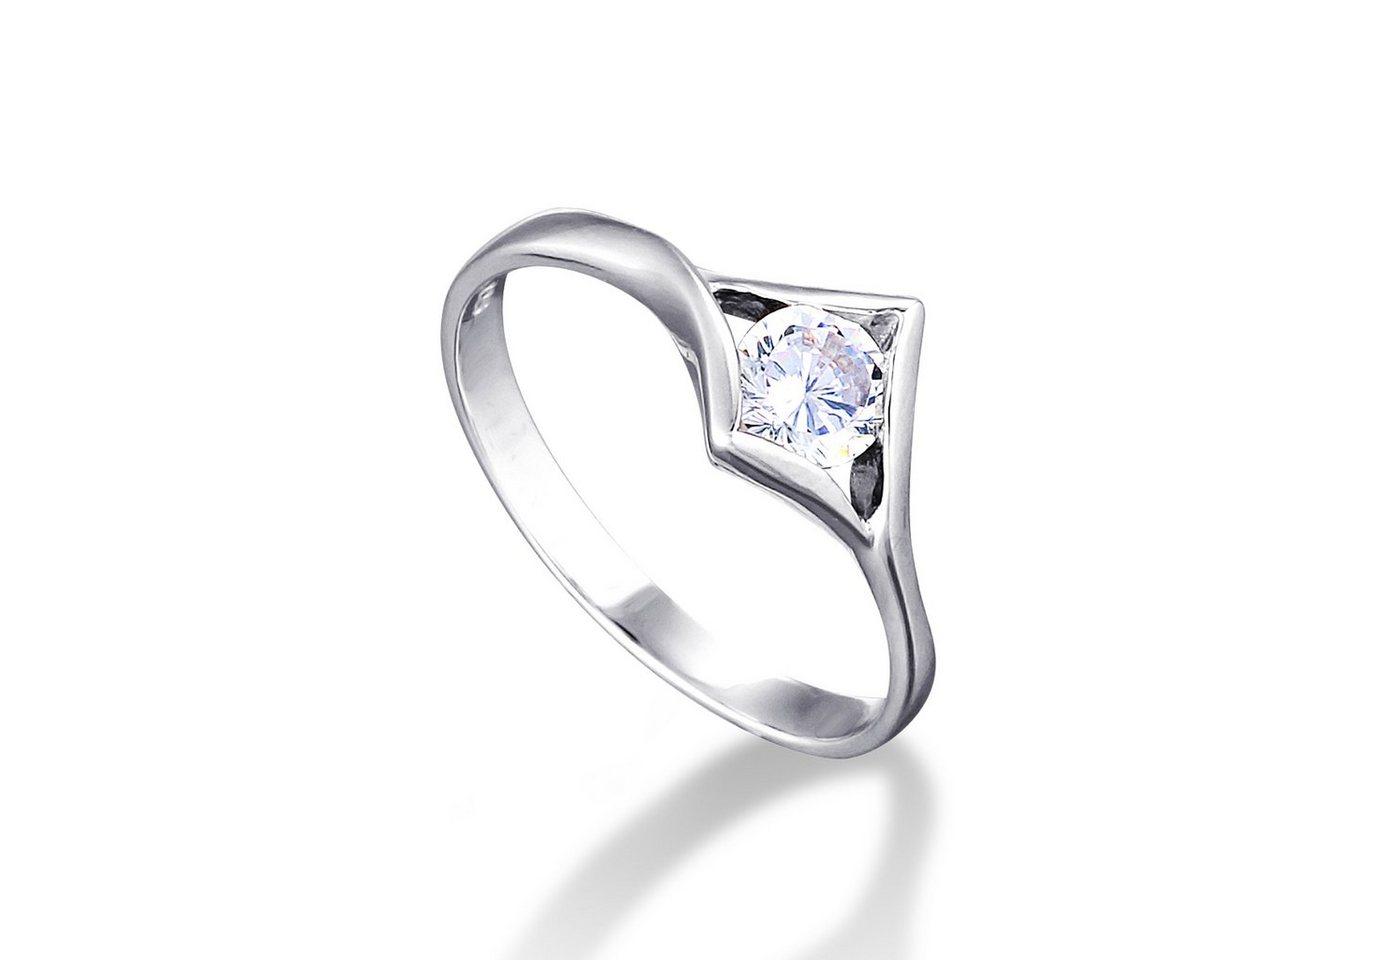 Damen MONA MON AMOUR Ring 925 – Sterling Silber rhodiniert mit funkelnden Zi weiß   04260575630934